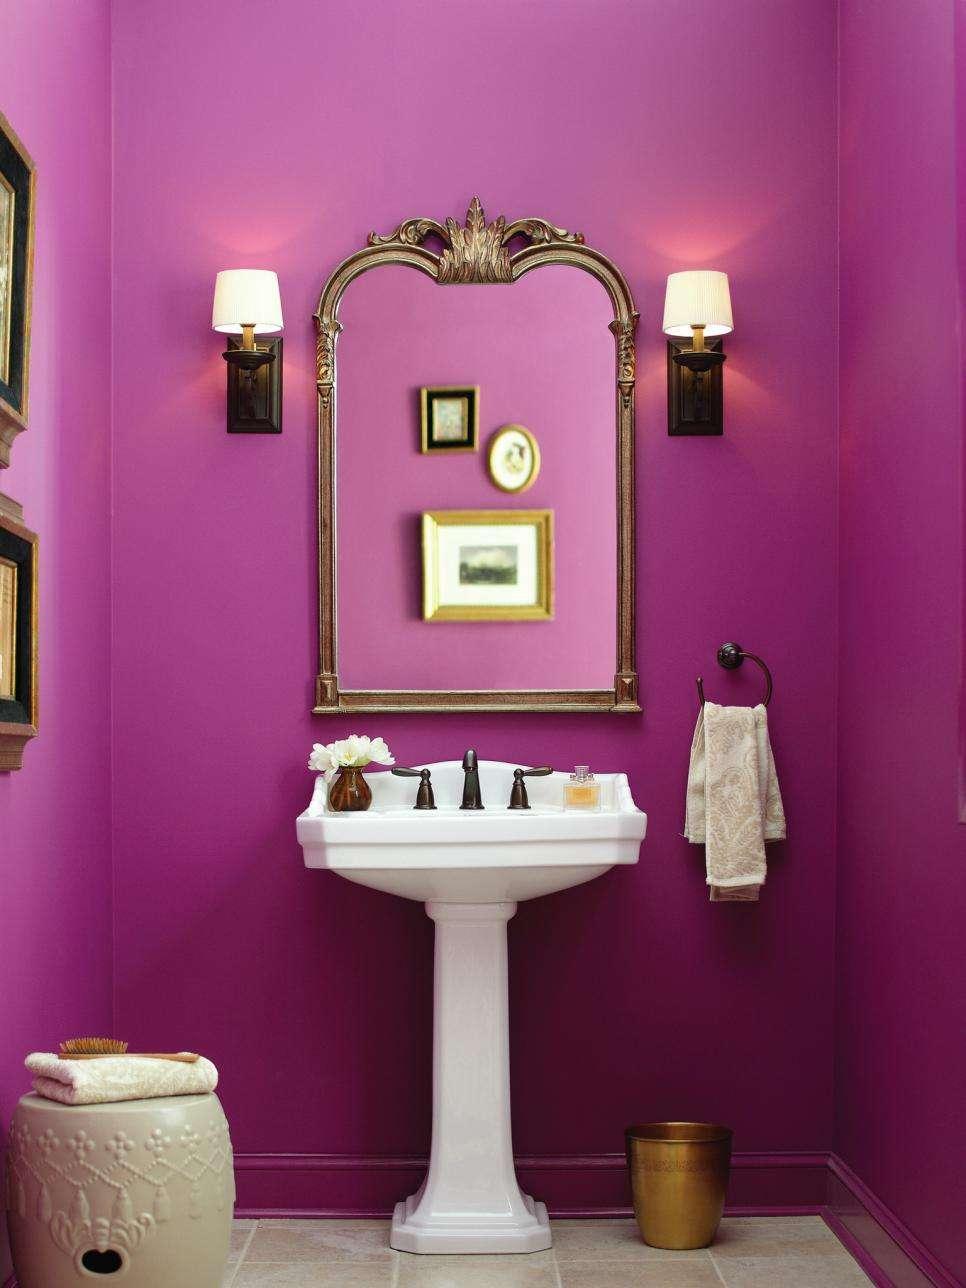 краска фиолетового цвета на стенах ванной